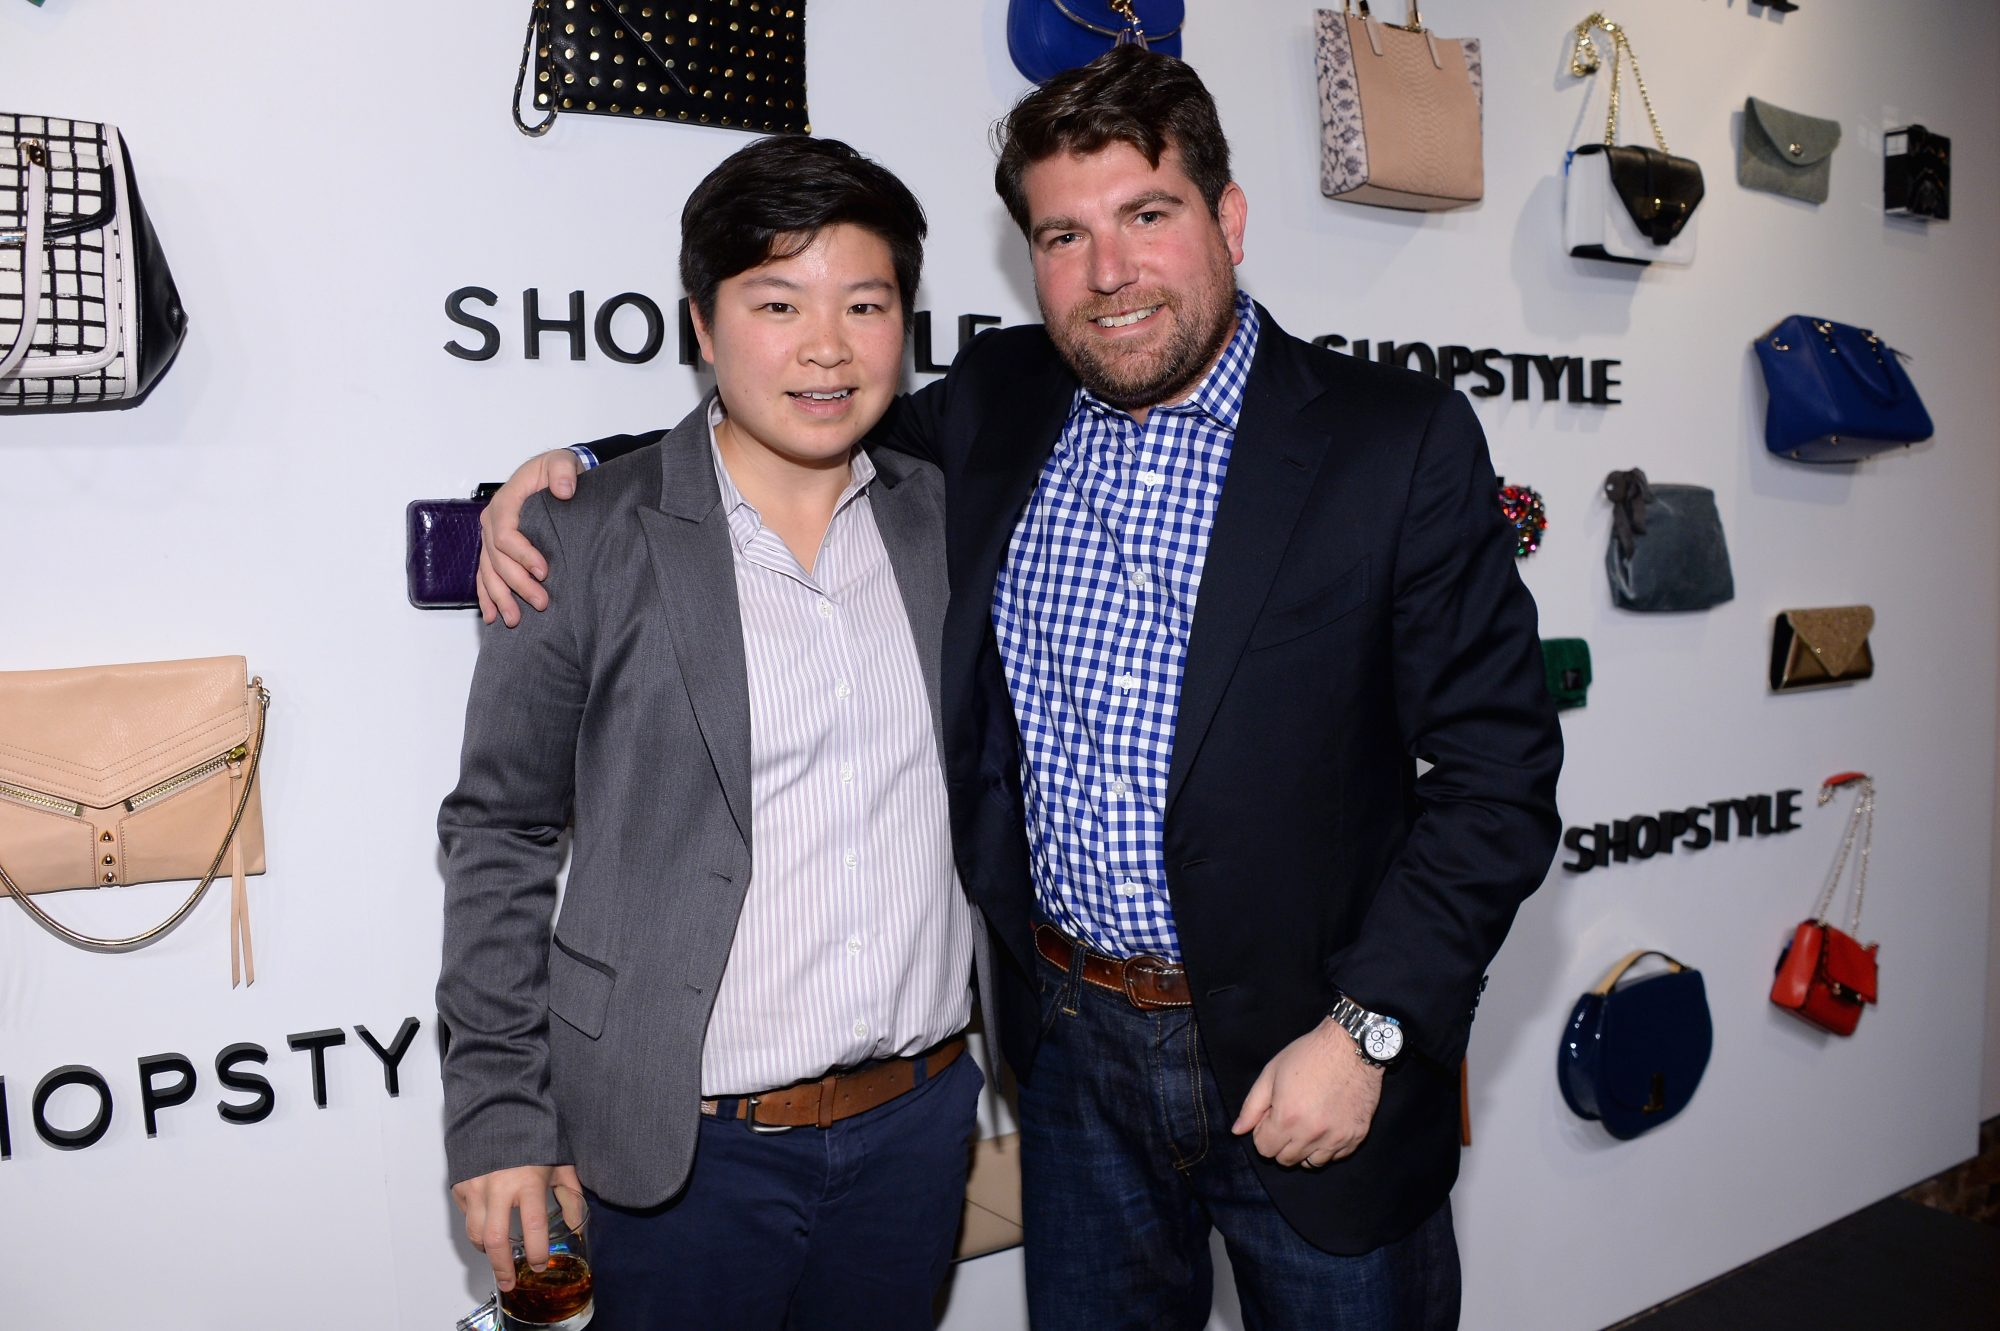 Wong poses with Brian Sugar